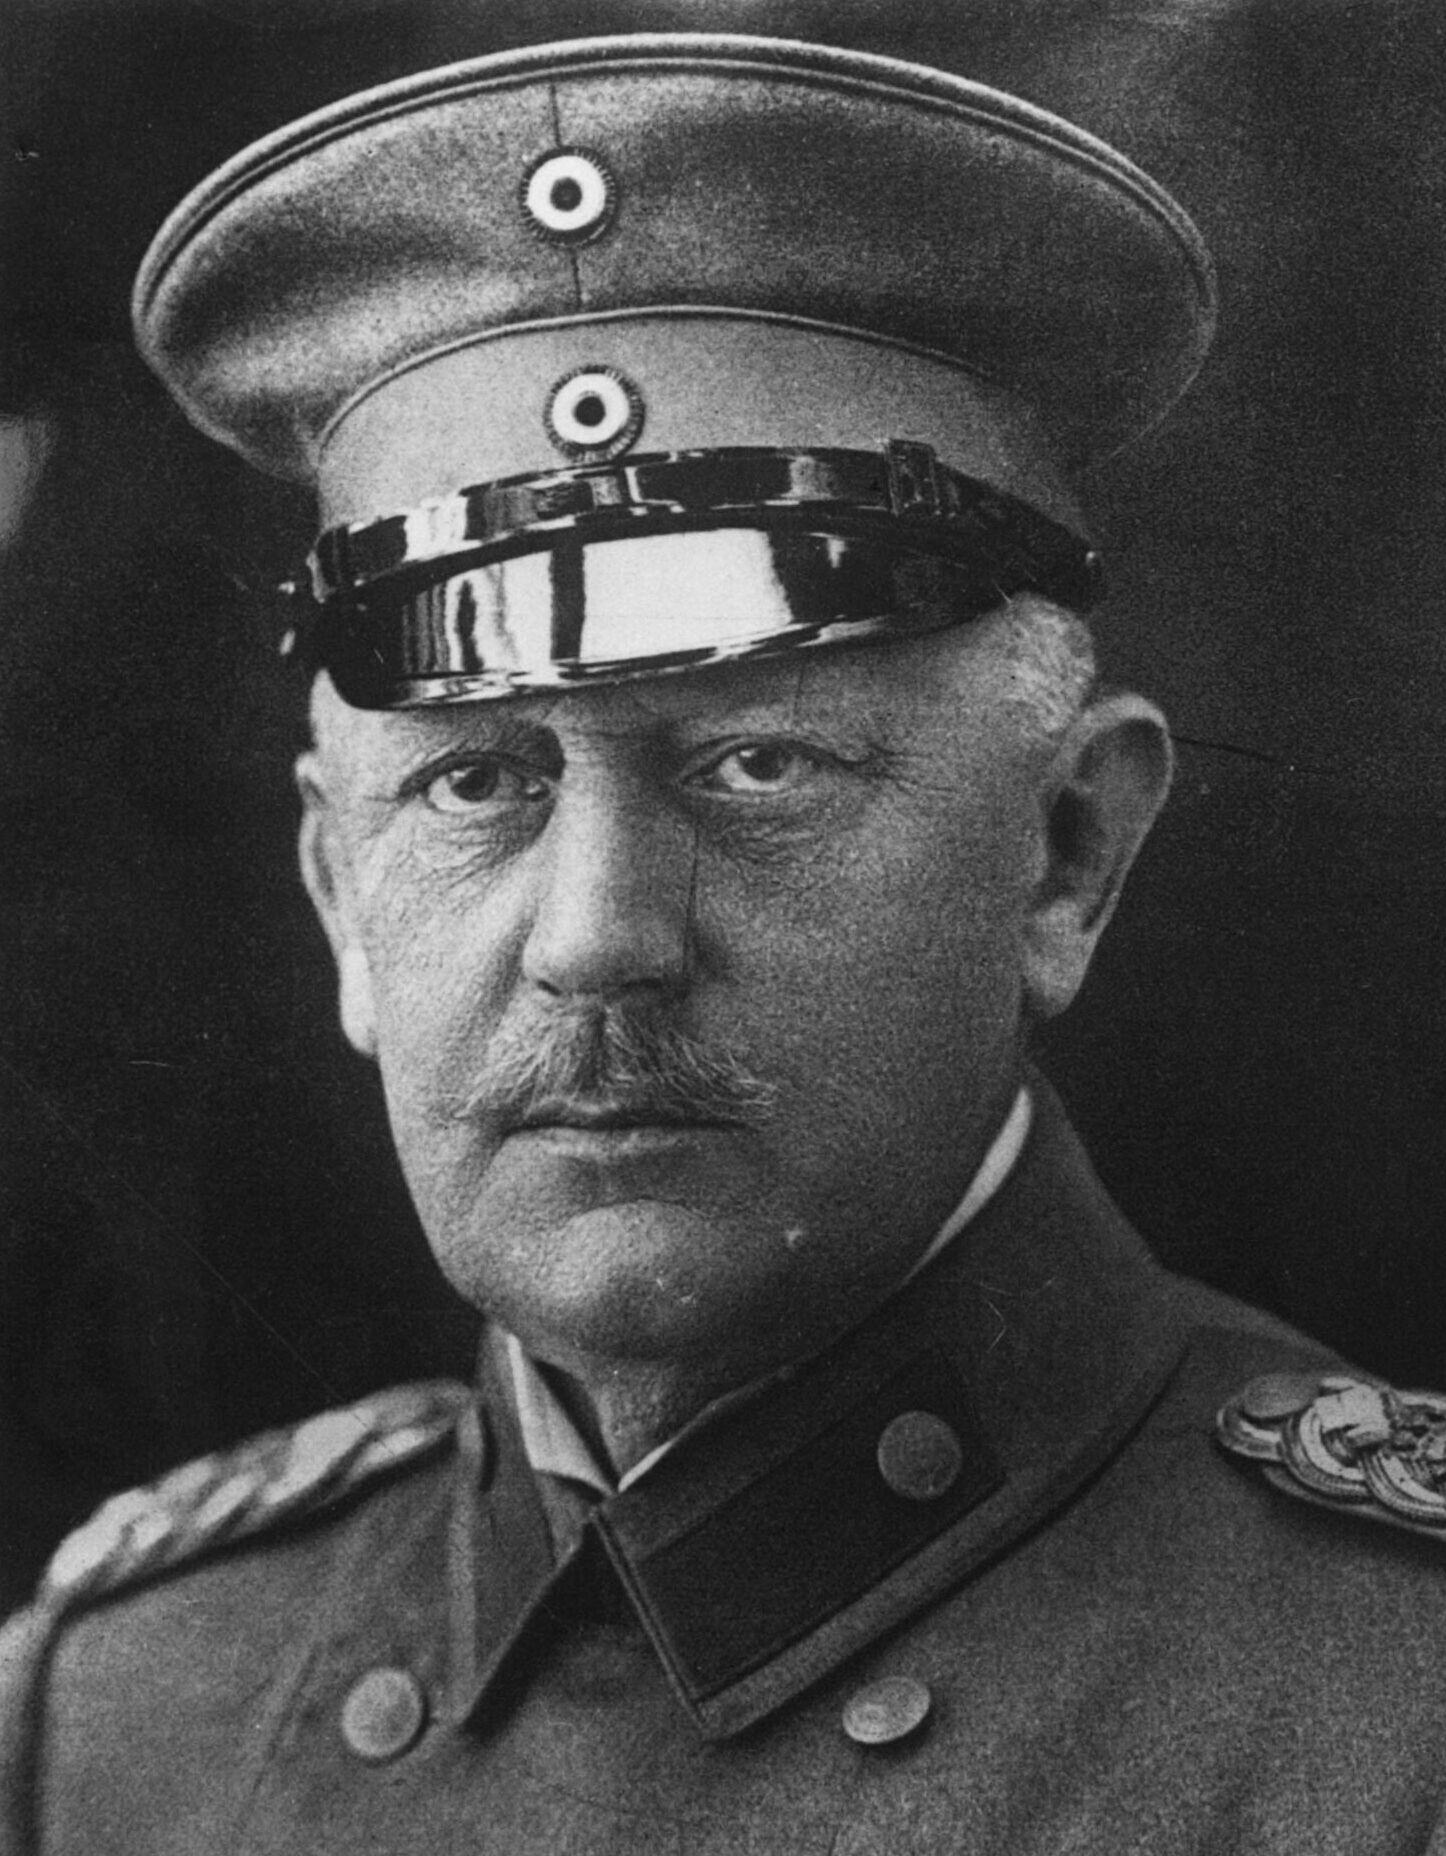 Helmuth_Johannes_Ludwig_von_Moltke_1914.jpg